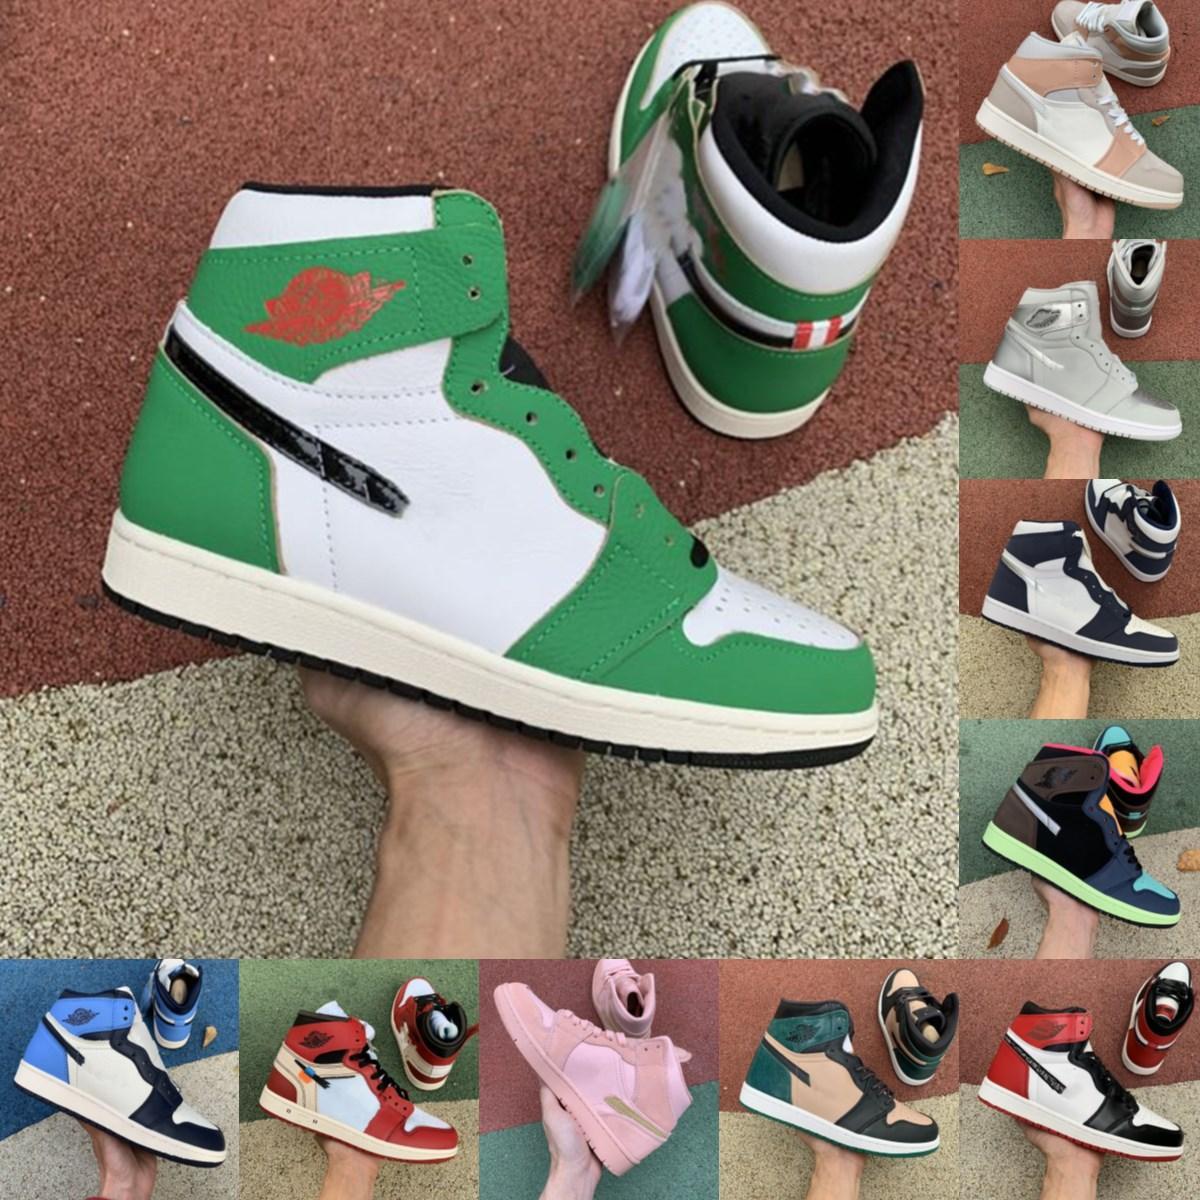 New High Bio Hack Travis Scotts Pine Green 1S Jumpman 1 Мужские Женщины Баскетбольные Обувь Суд Фиолетовый Обсидиан Дым Дерси ЮНС Спортивный Открытый Обувь